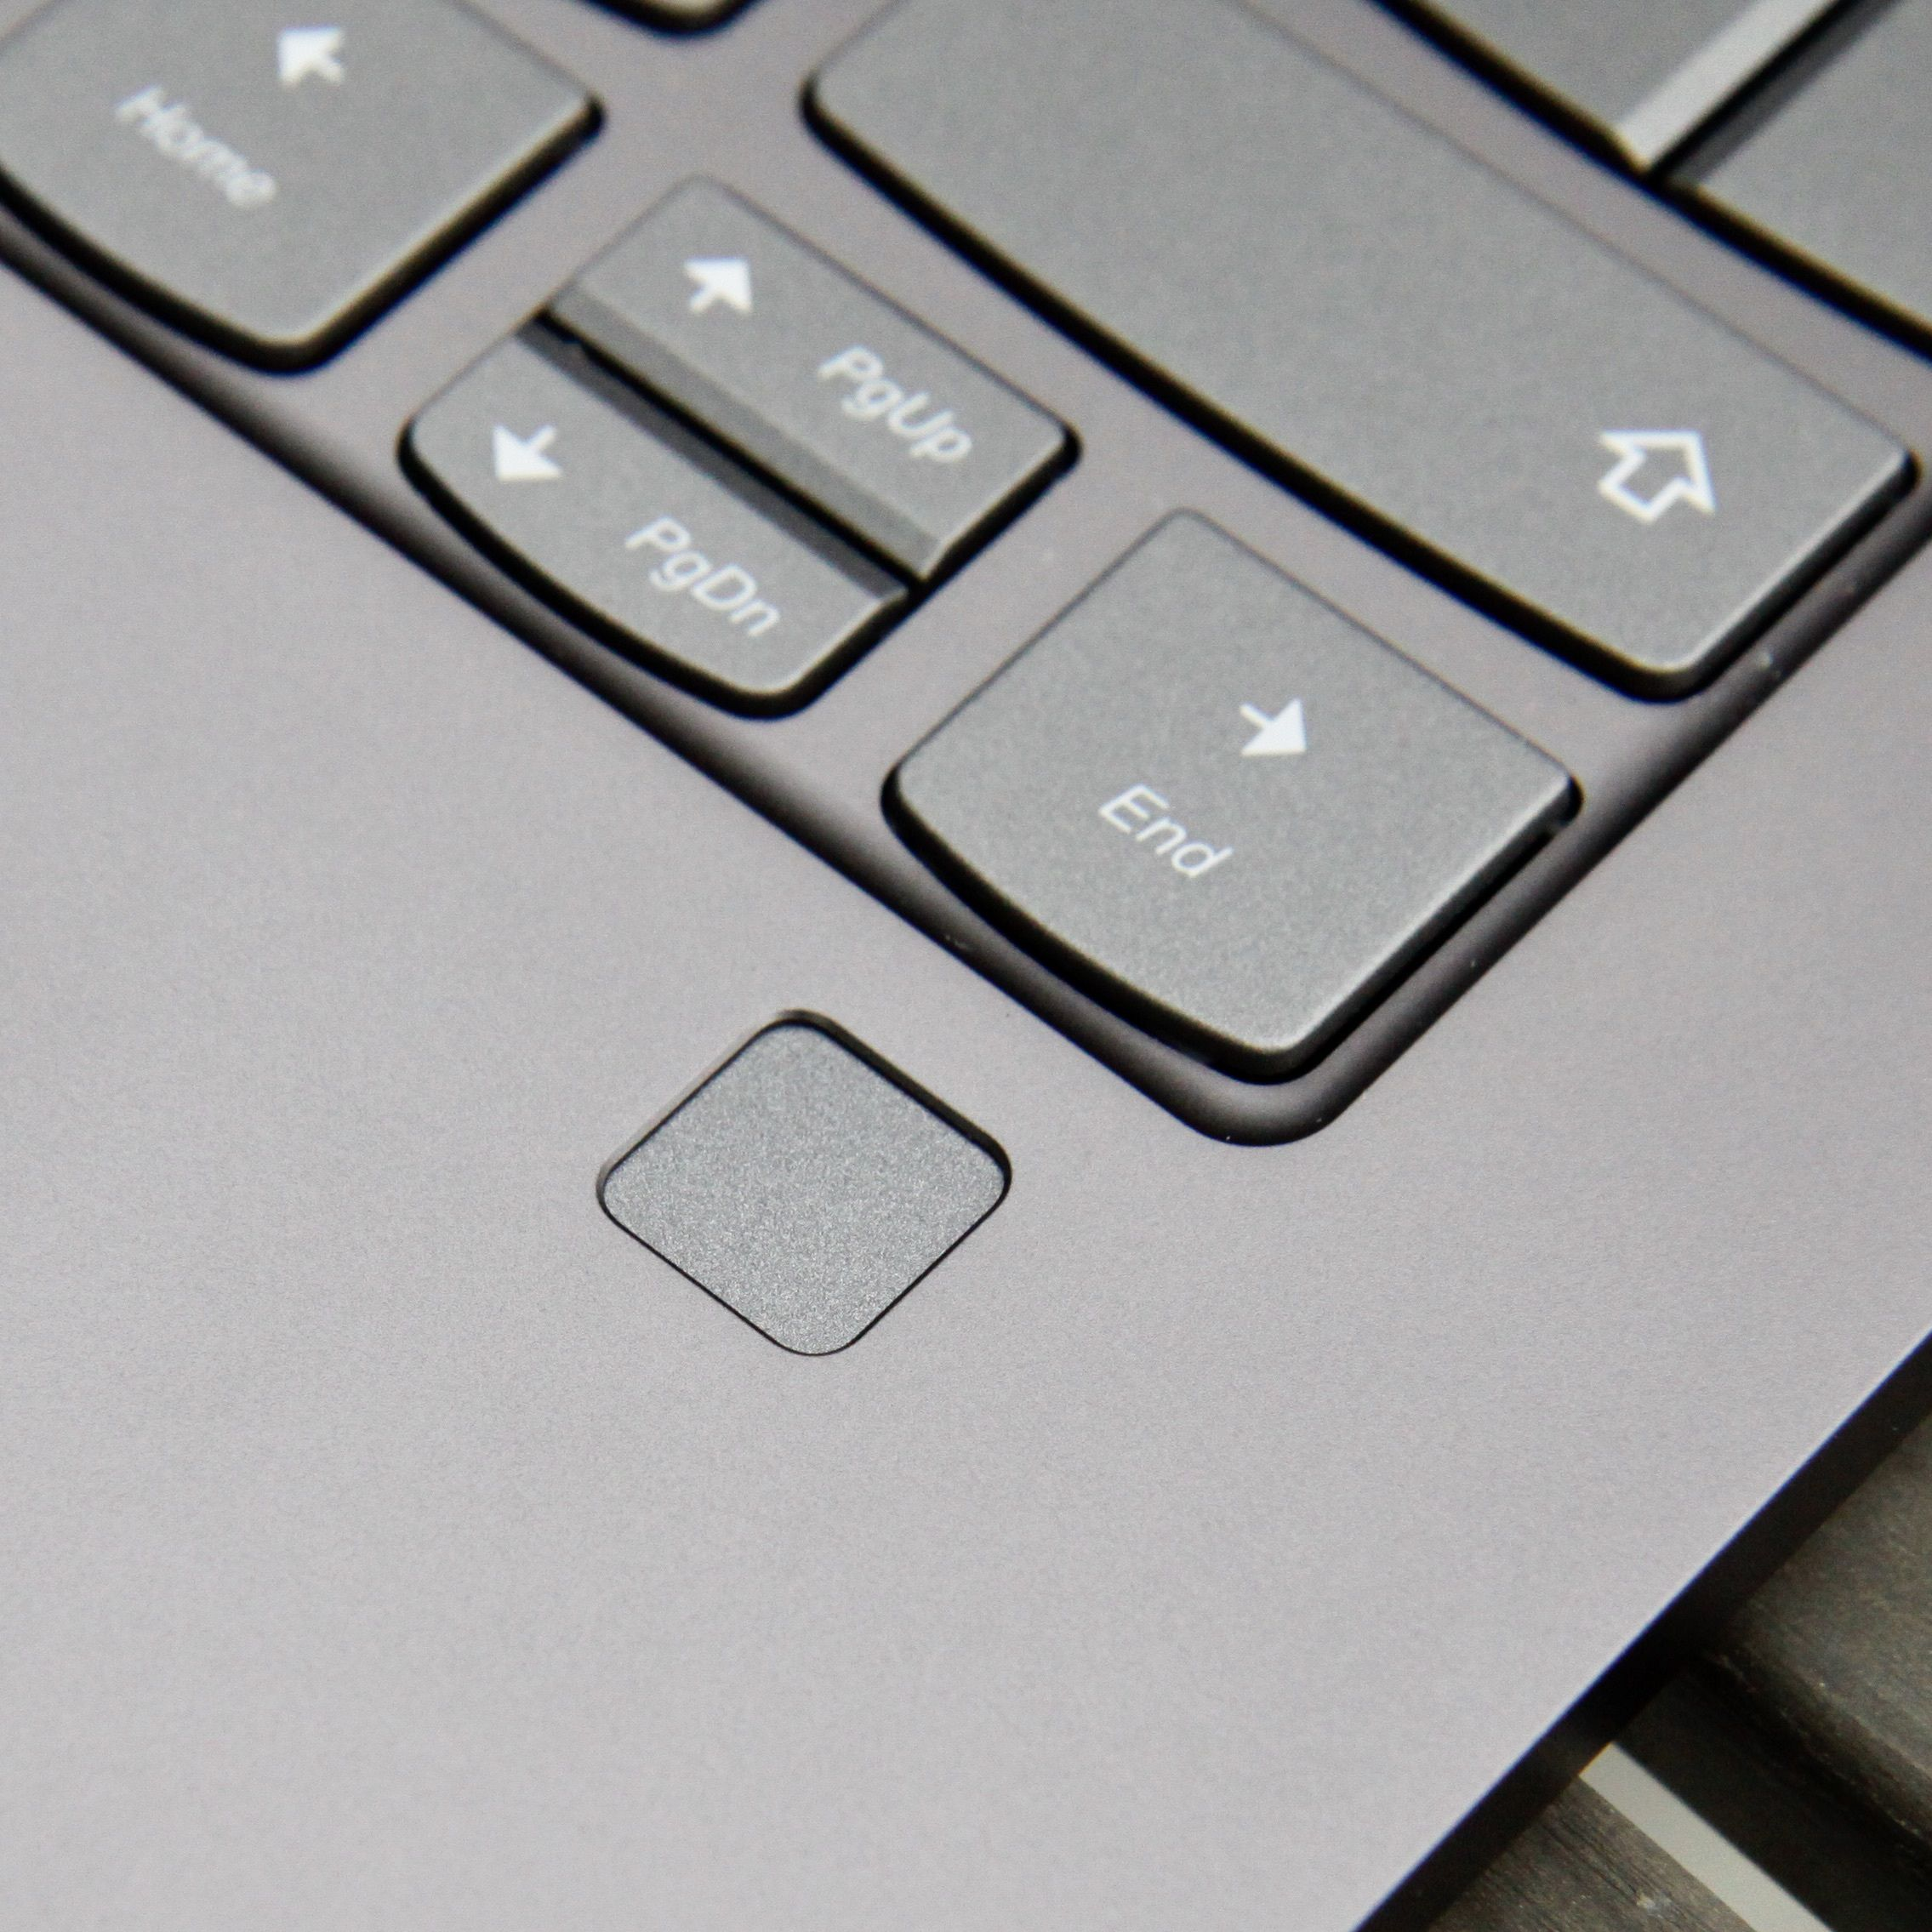 Best pris på Lenovo Yoga C940 (81Q9001MMX) Se priser før